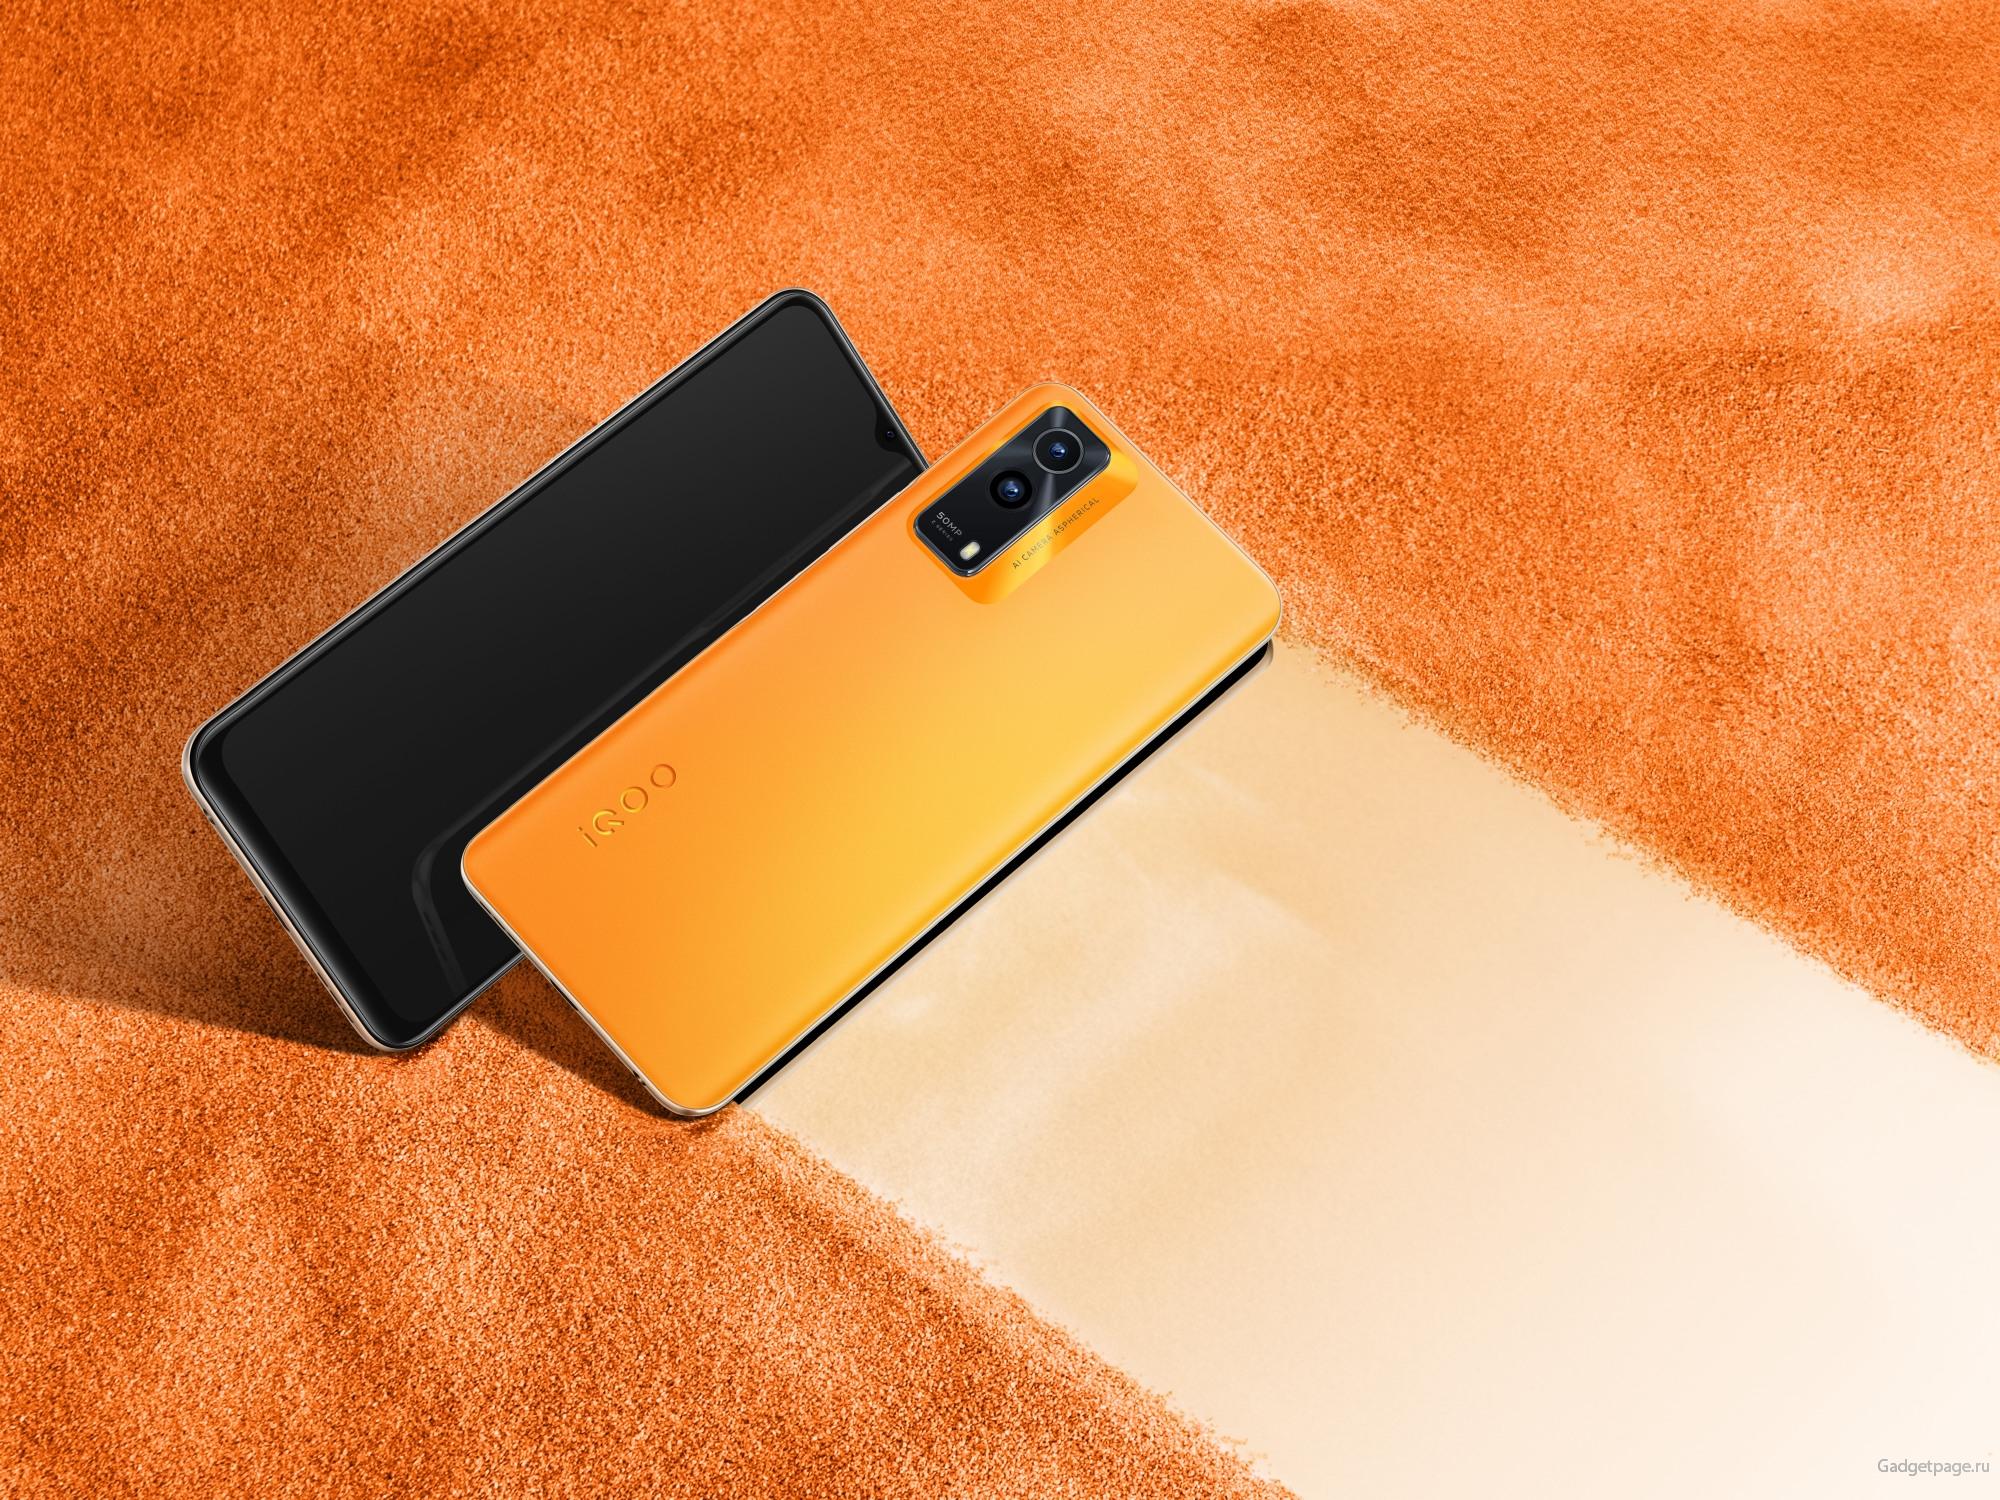 Представлен iQOO Z5x: средний класс с 5G и камерой на 50 Мп